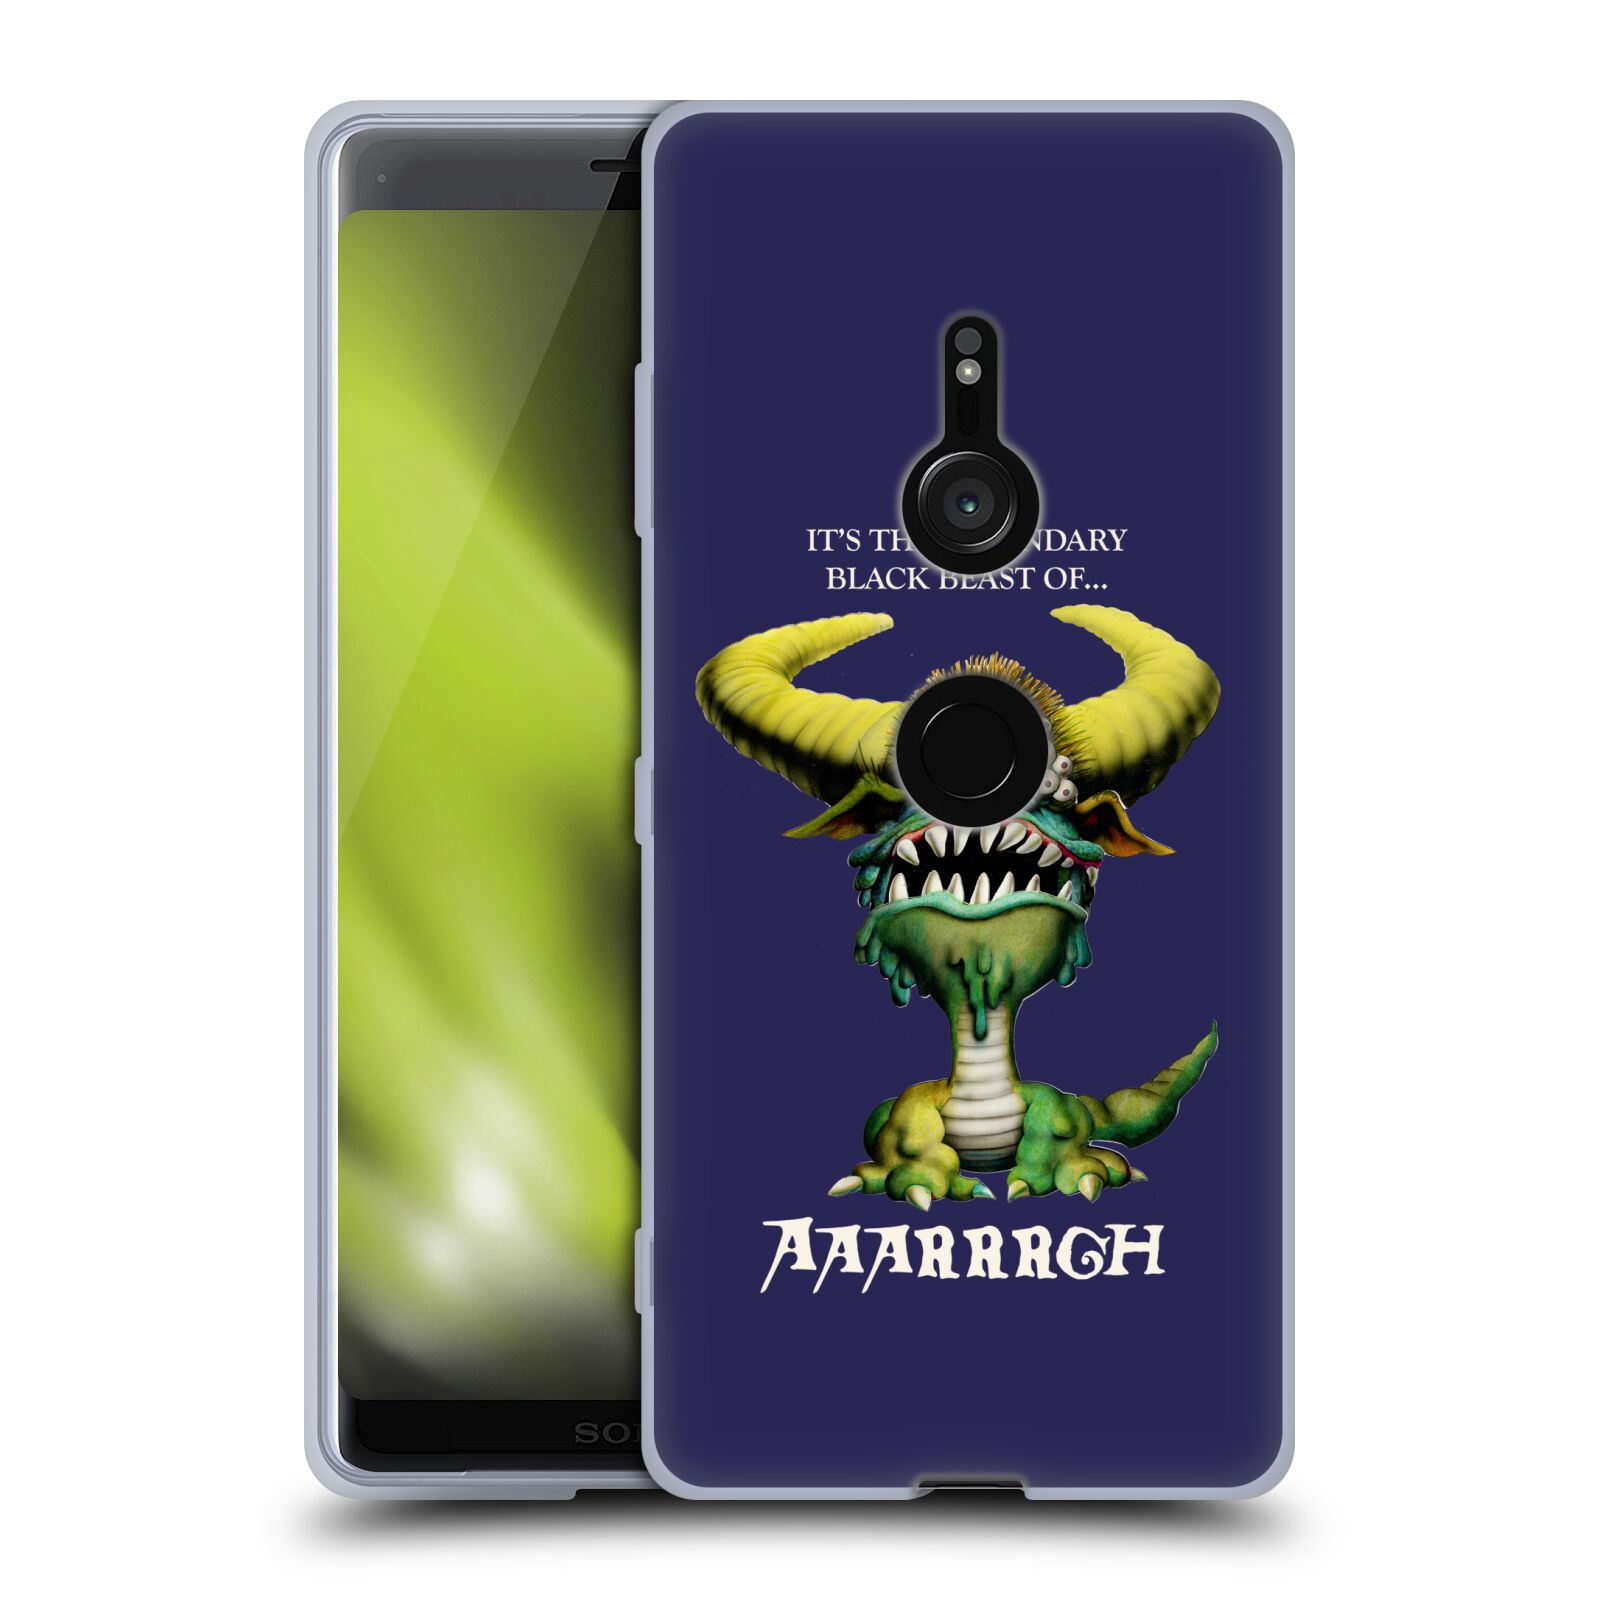 スマートフォン・携帯電話アクセサリー, ケース・カバー  Monty Python Sony 1